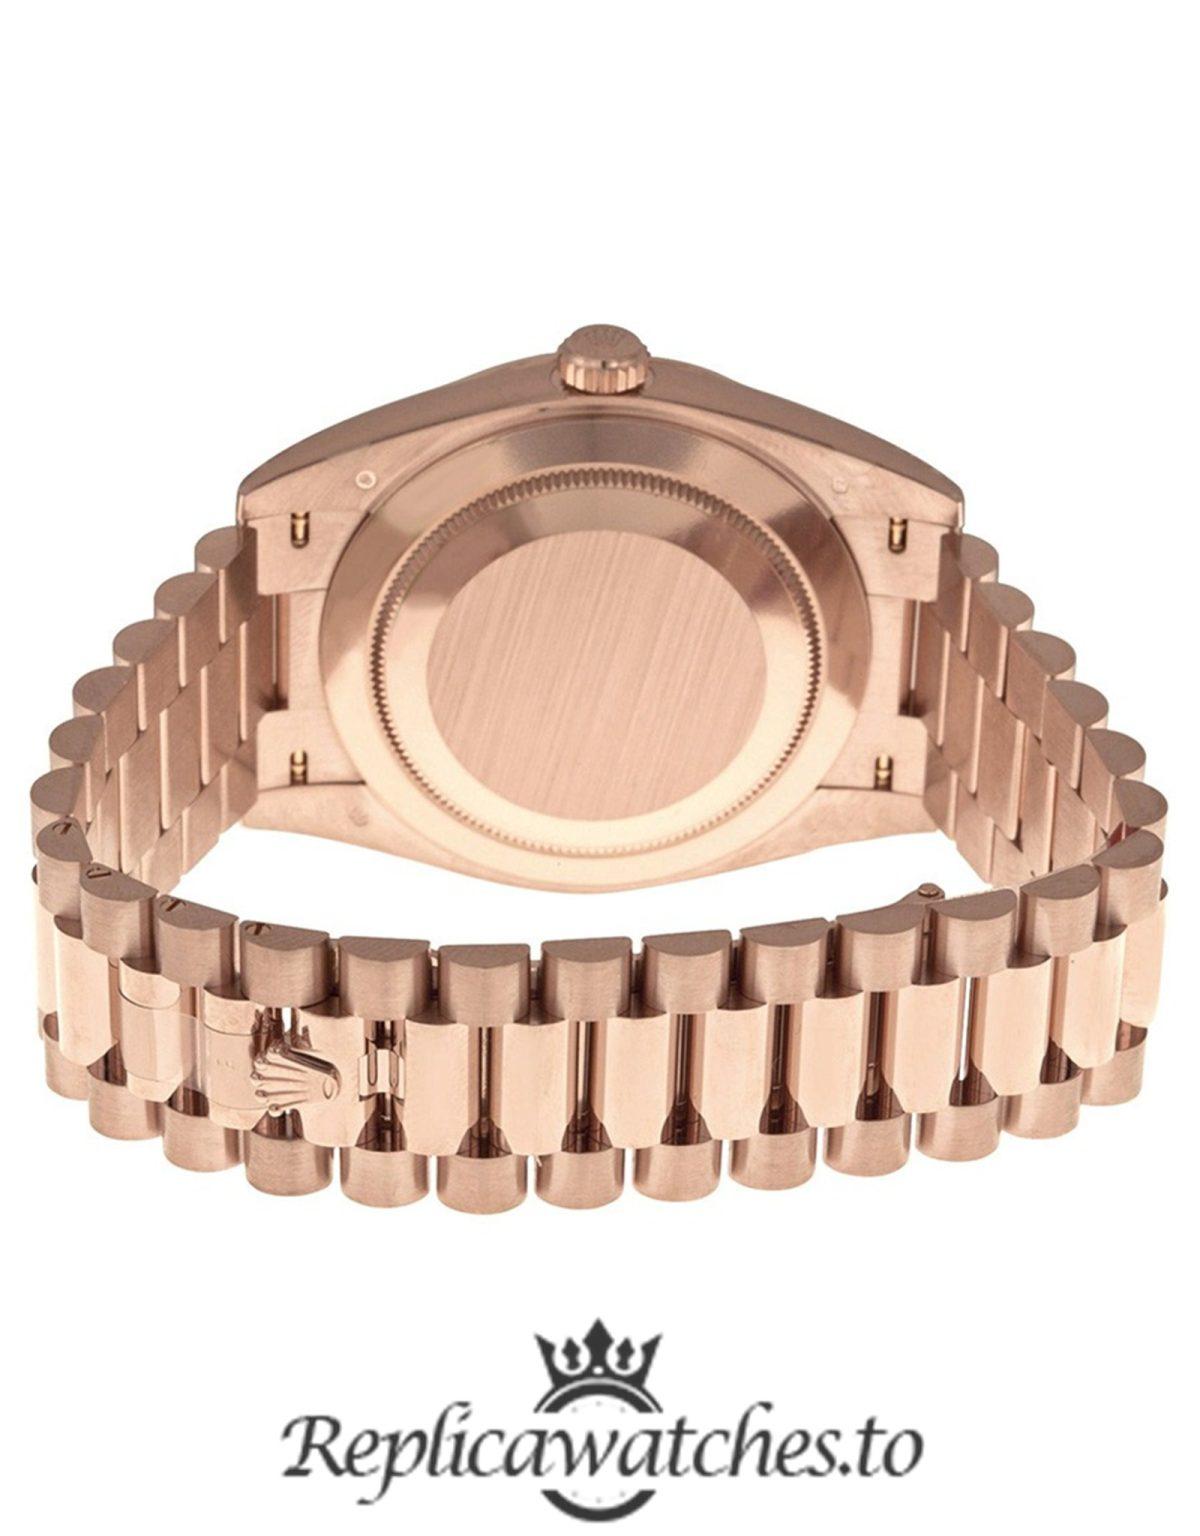 Rolex Day Date Replica 228235 001 Rose Gold Strap 40MM